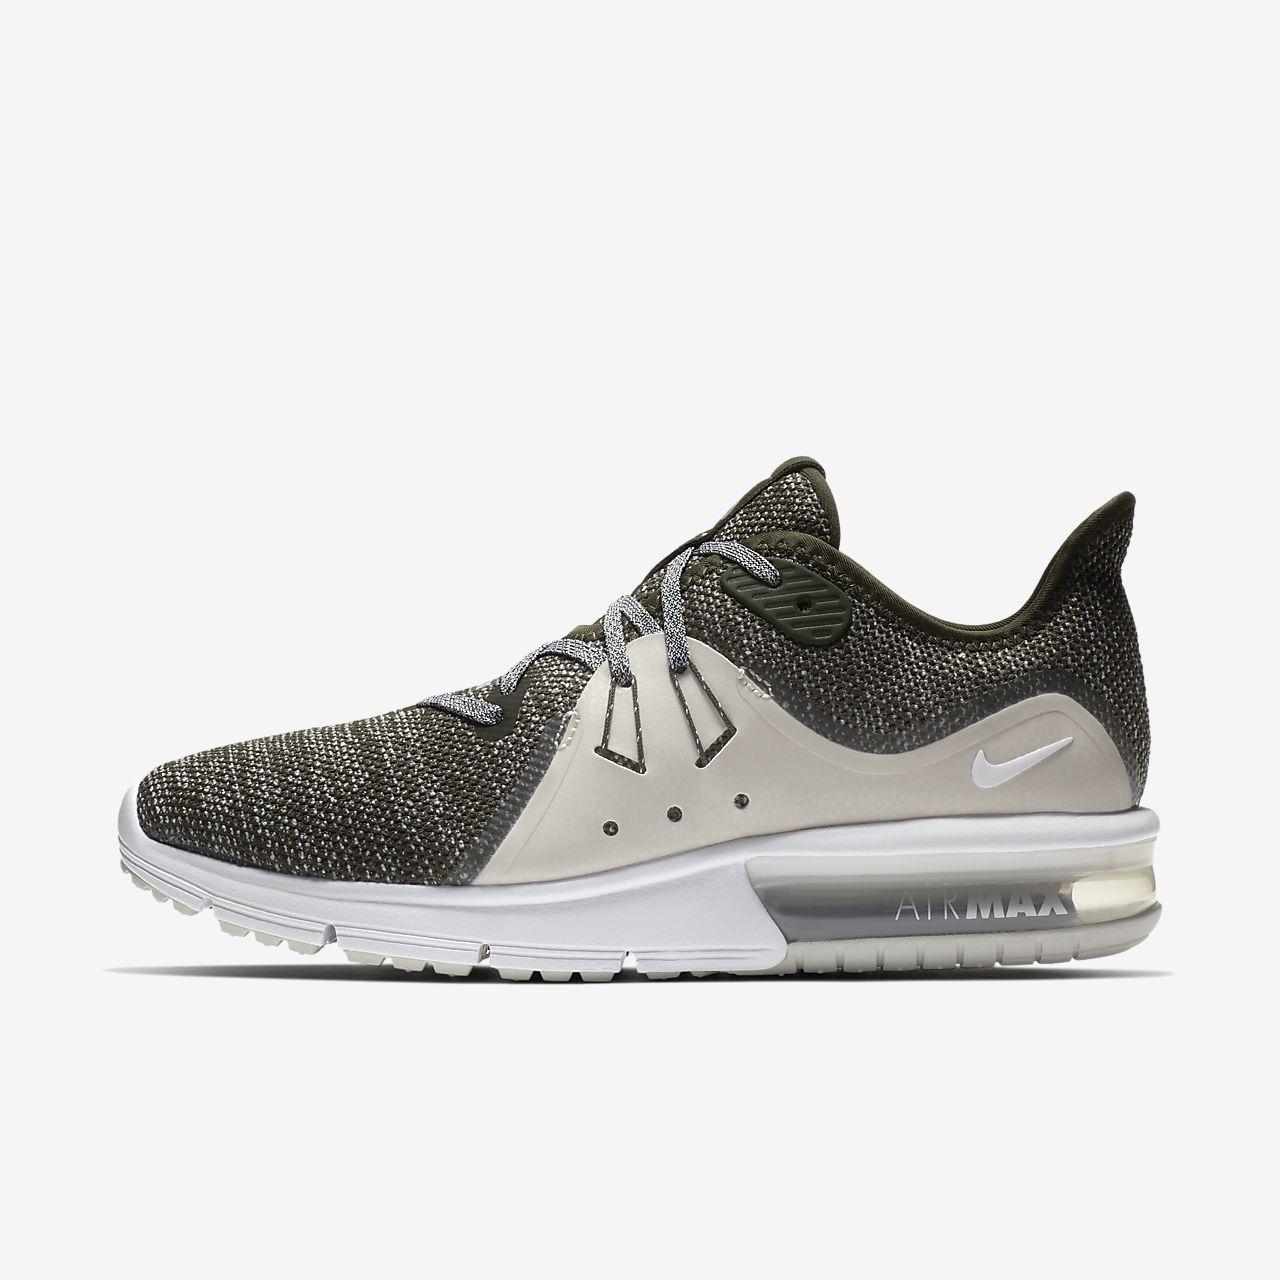 Nike Chaussure de running femme  Air Max Sequent Gris - Livraison Gratuite avec  - Chaussures Chaussures-de-running Femme